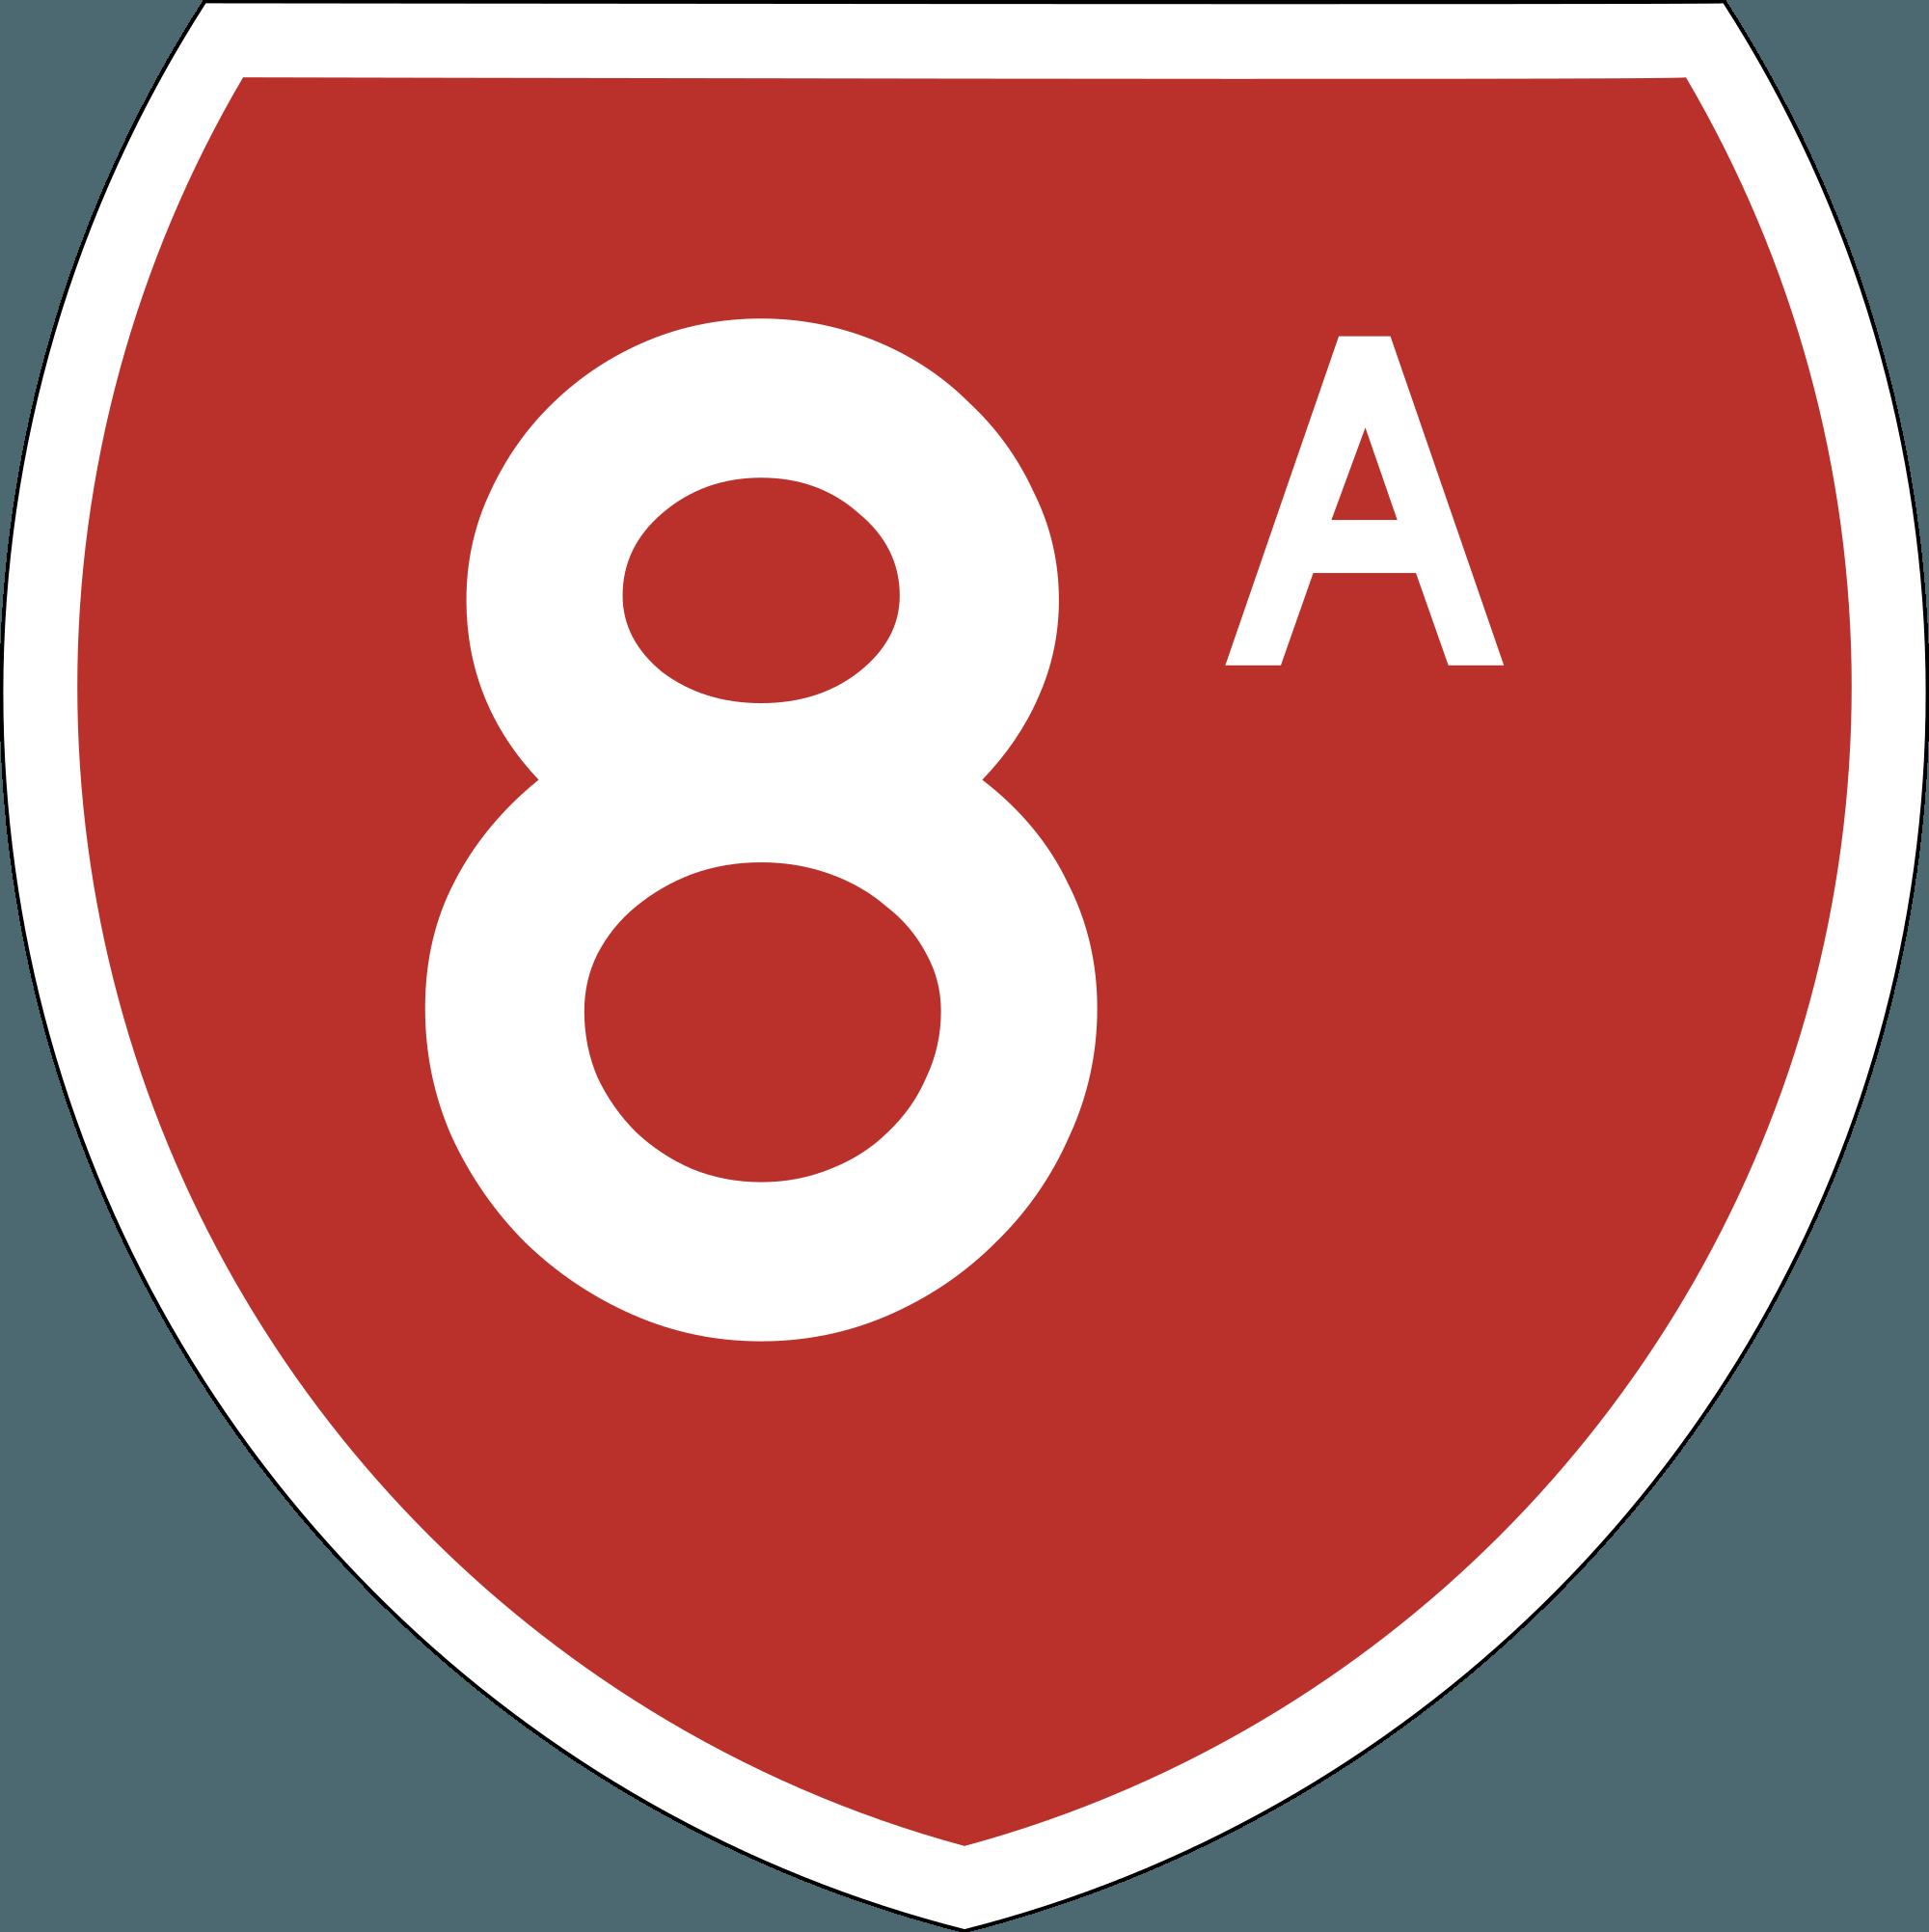 8a Logo Logodix